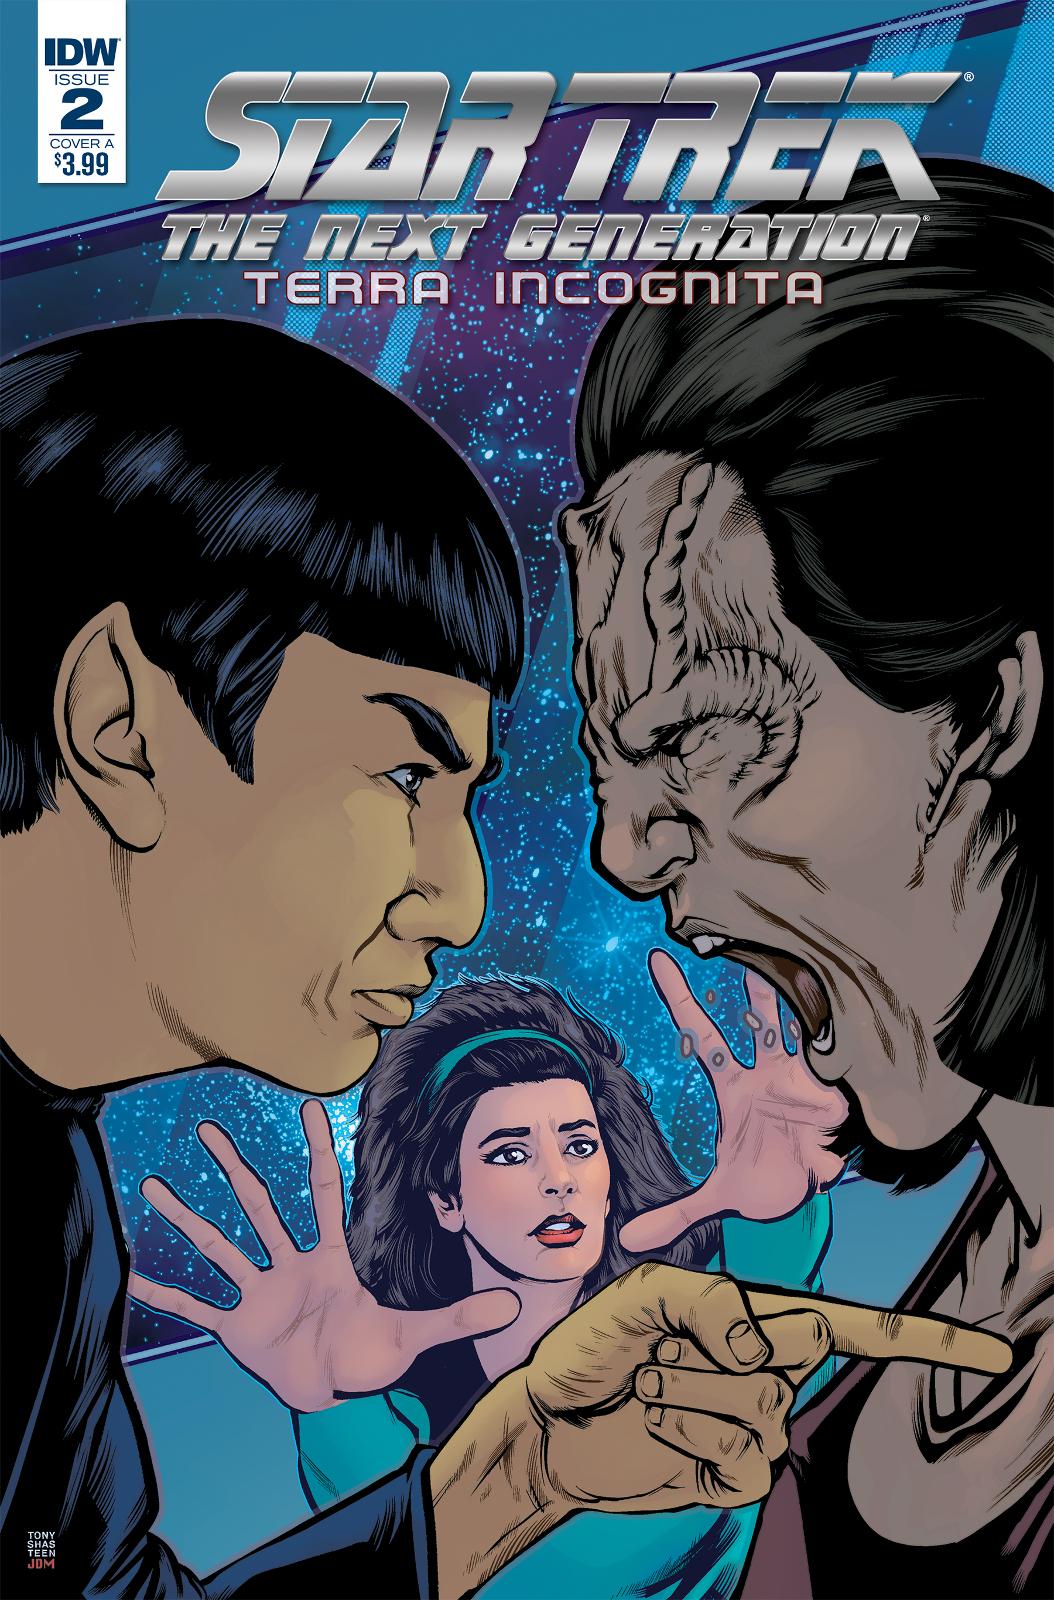 Terra Incognita, Issue 2